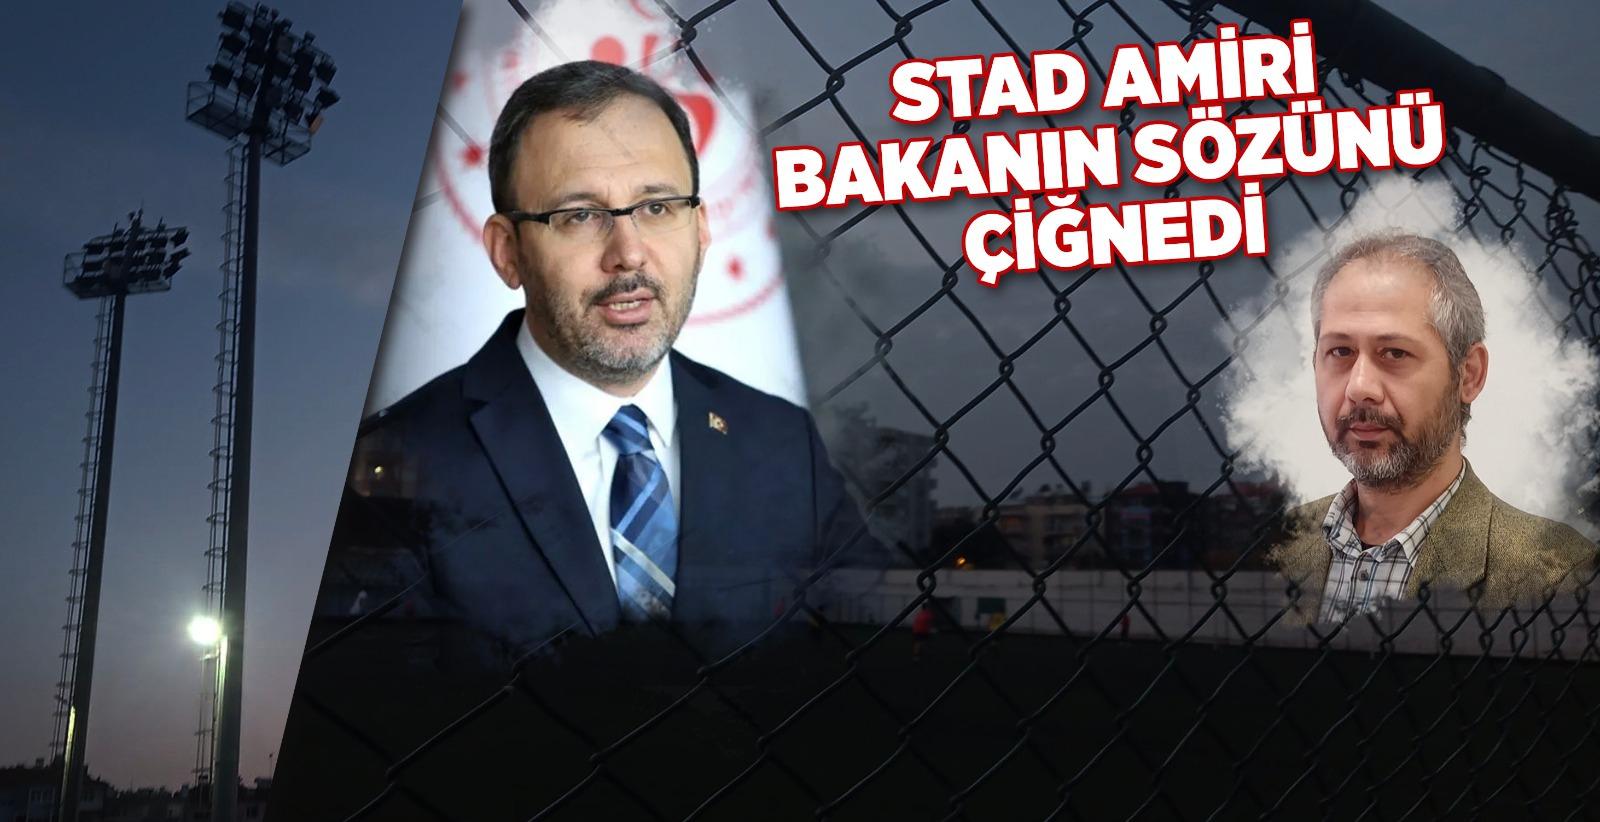 Aydın'da o tesisin amiri, Bakanın sözünü çiğnedi